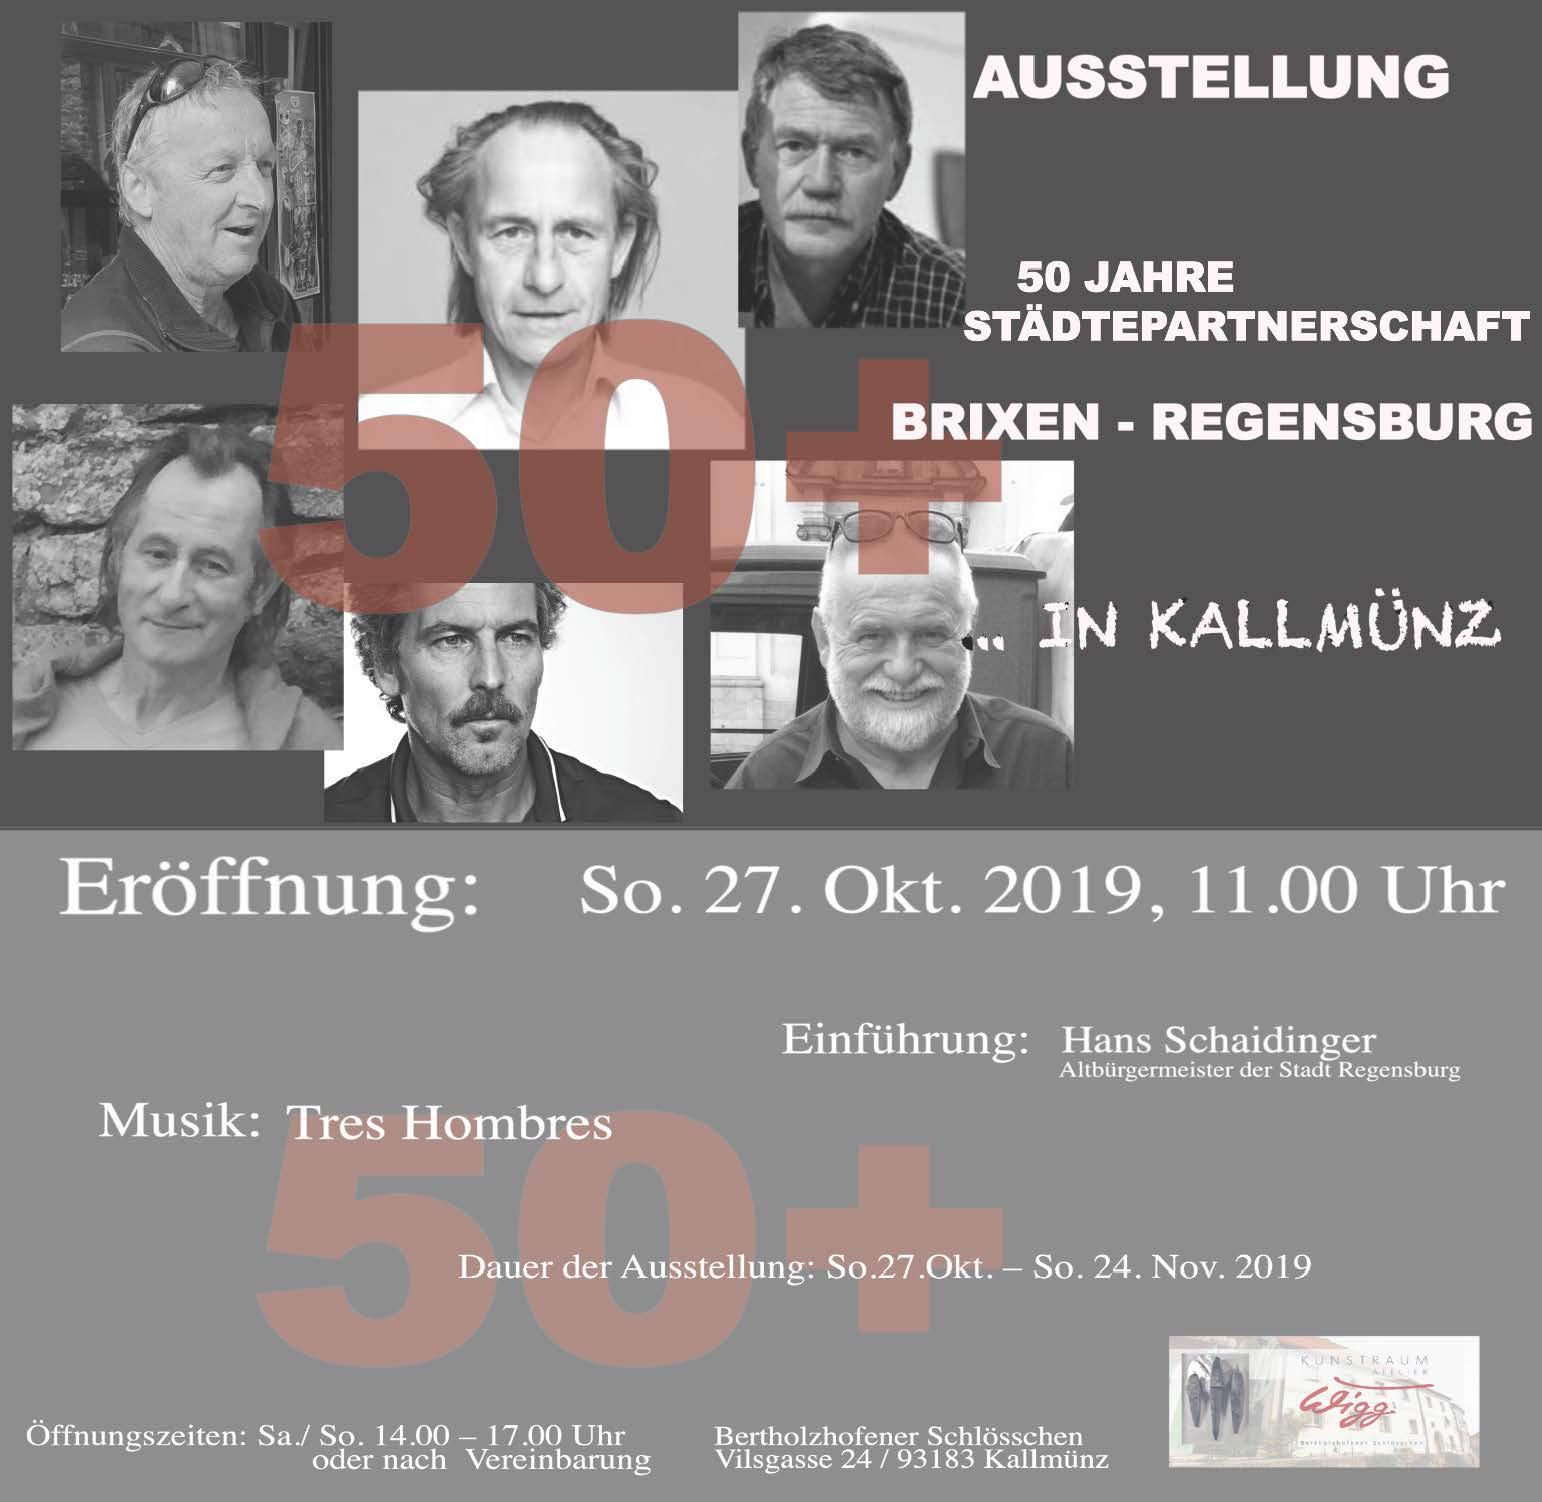 Künstler Südtirol - Sommavilla Brixen